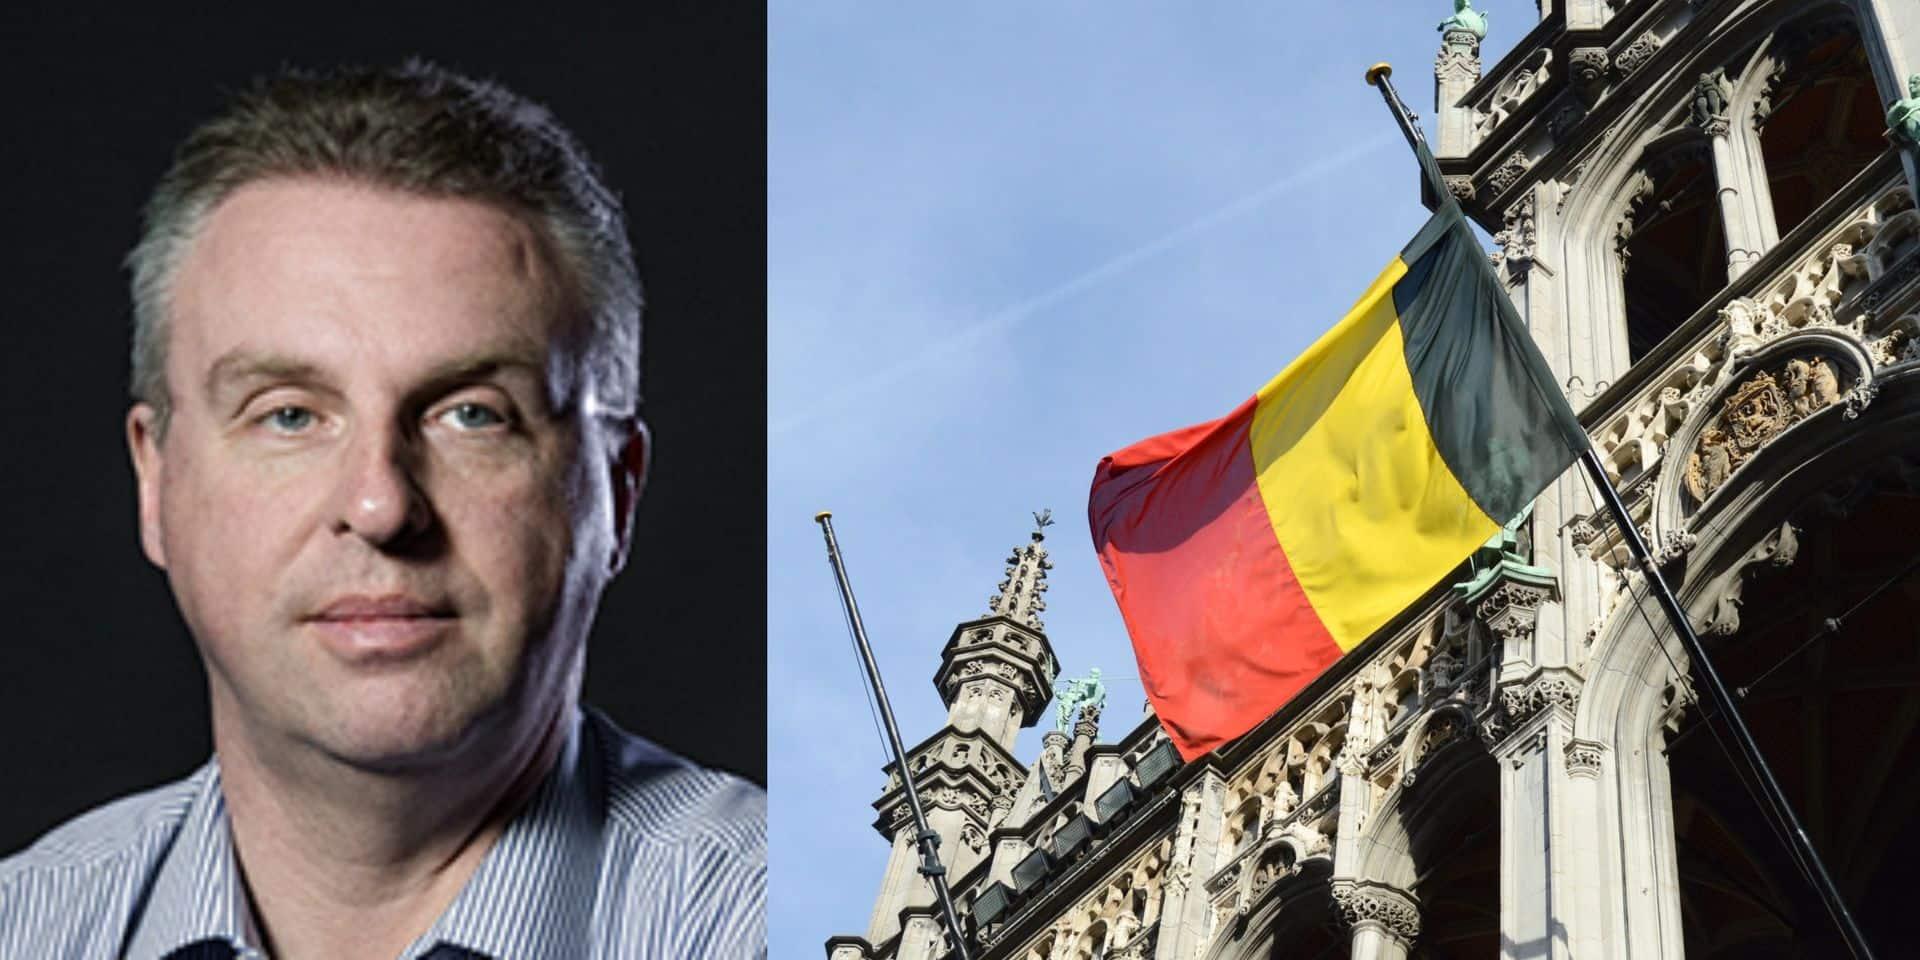 L'État belge, si critiqué mais indispensable